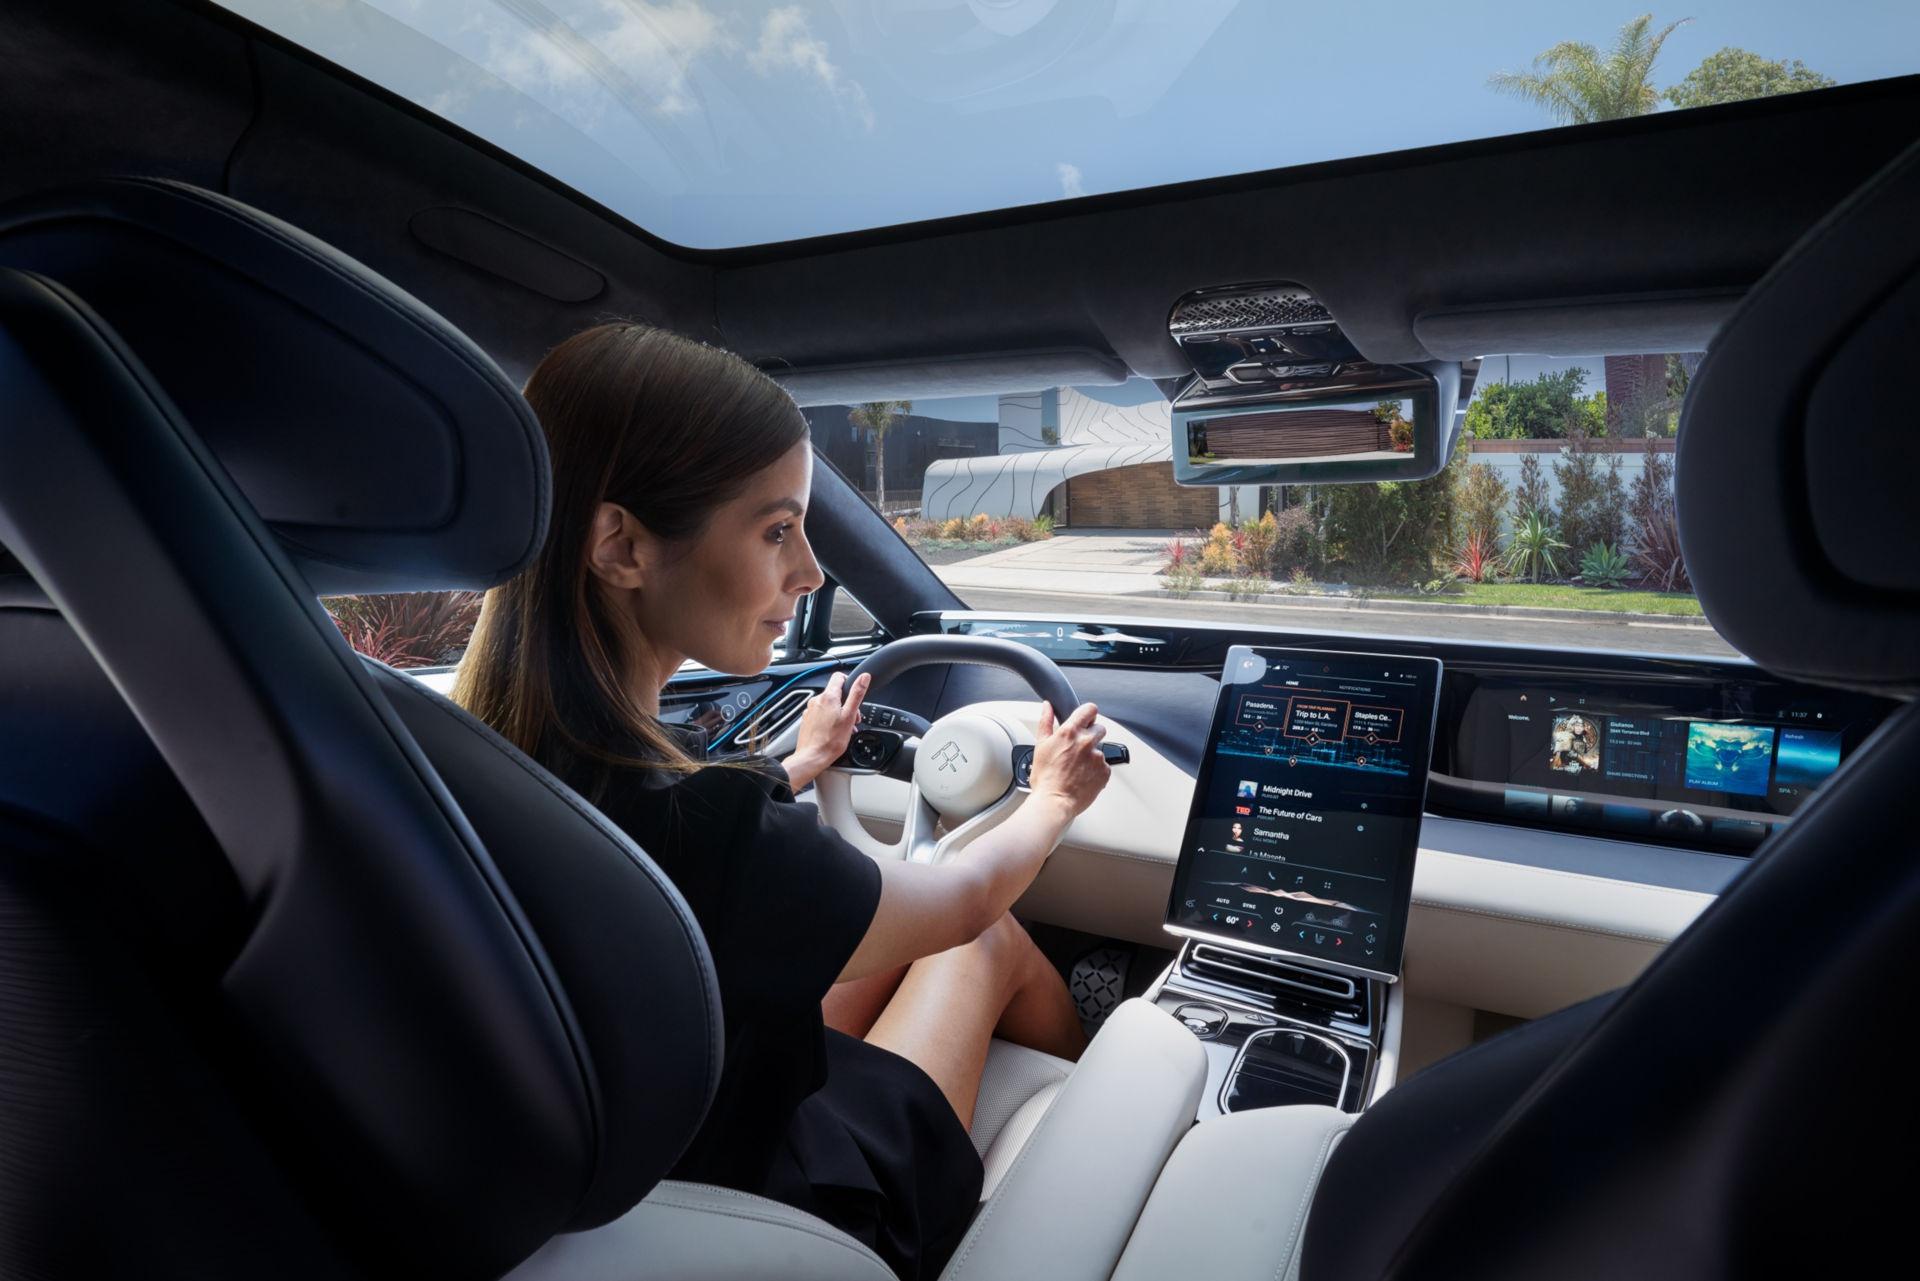 德媒称赞这辆性能远超BBA的电动车,竟是中国人创办的公司研发